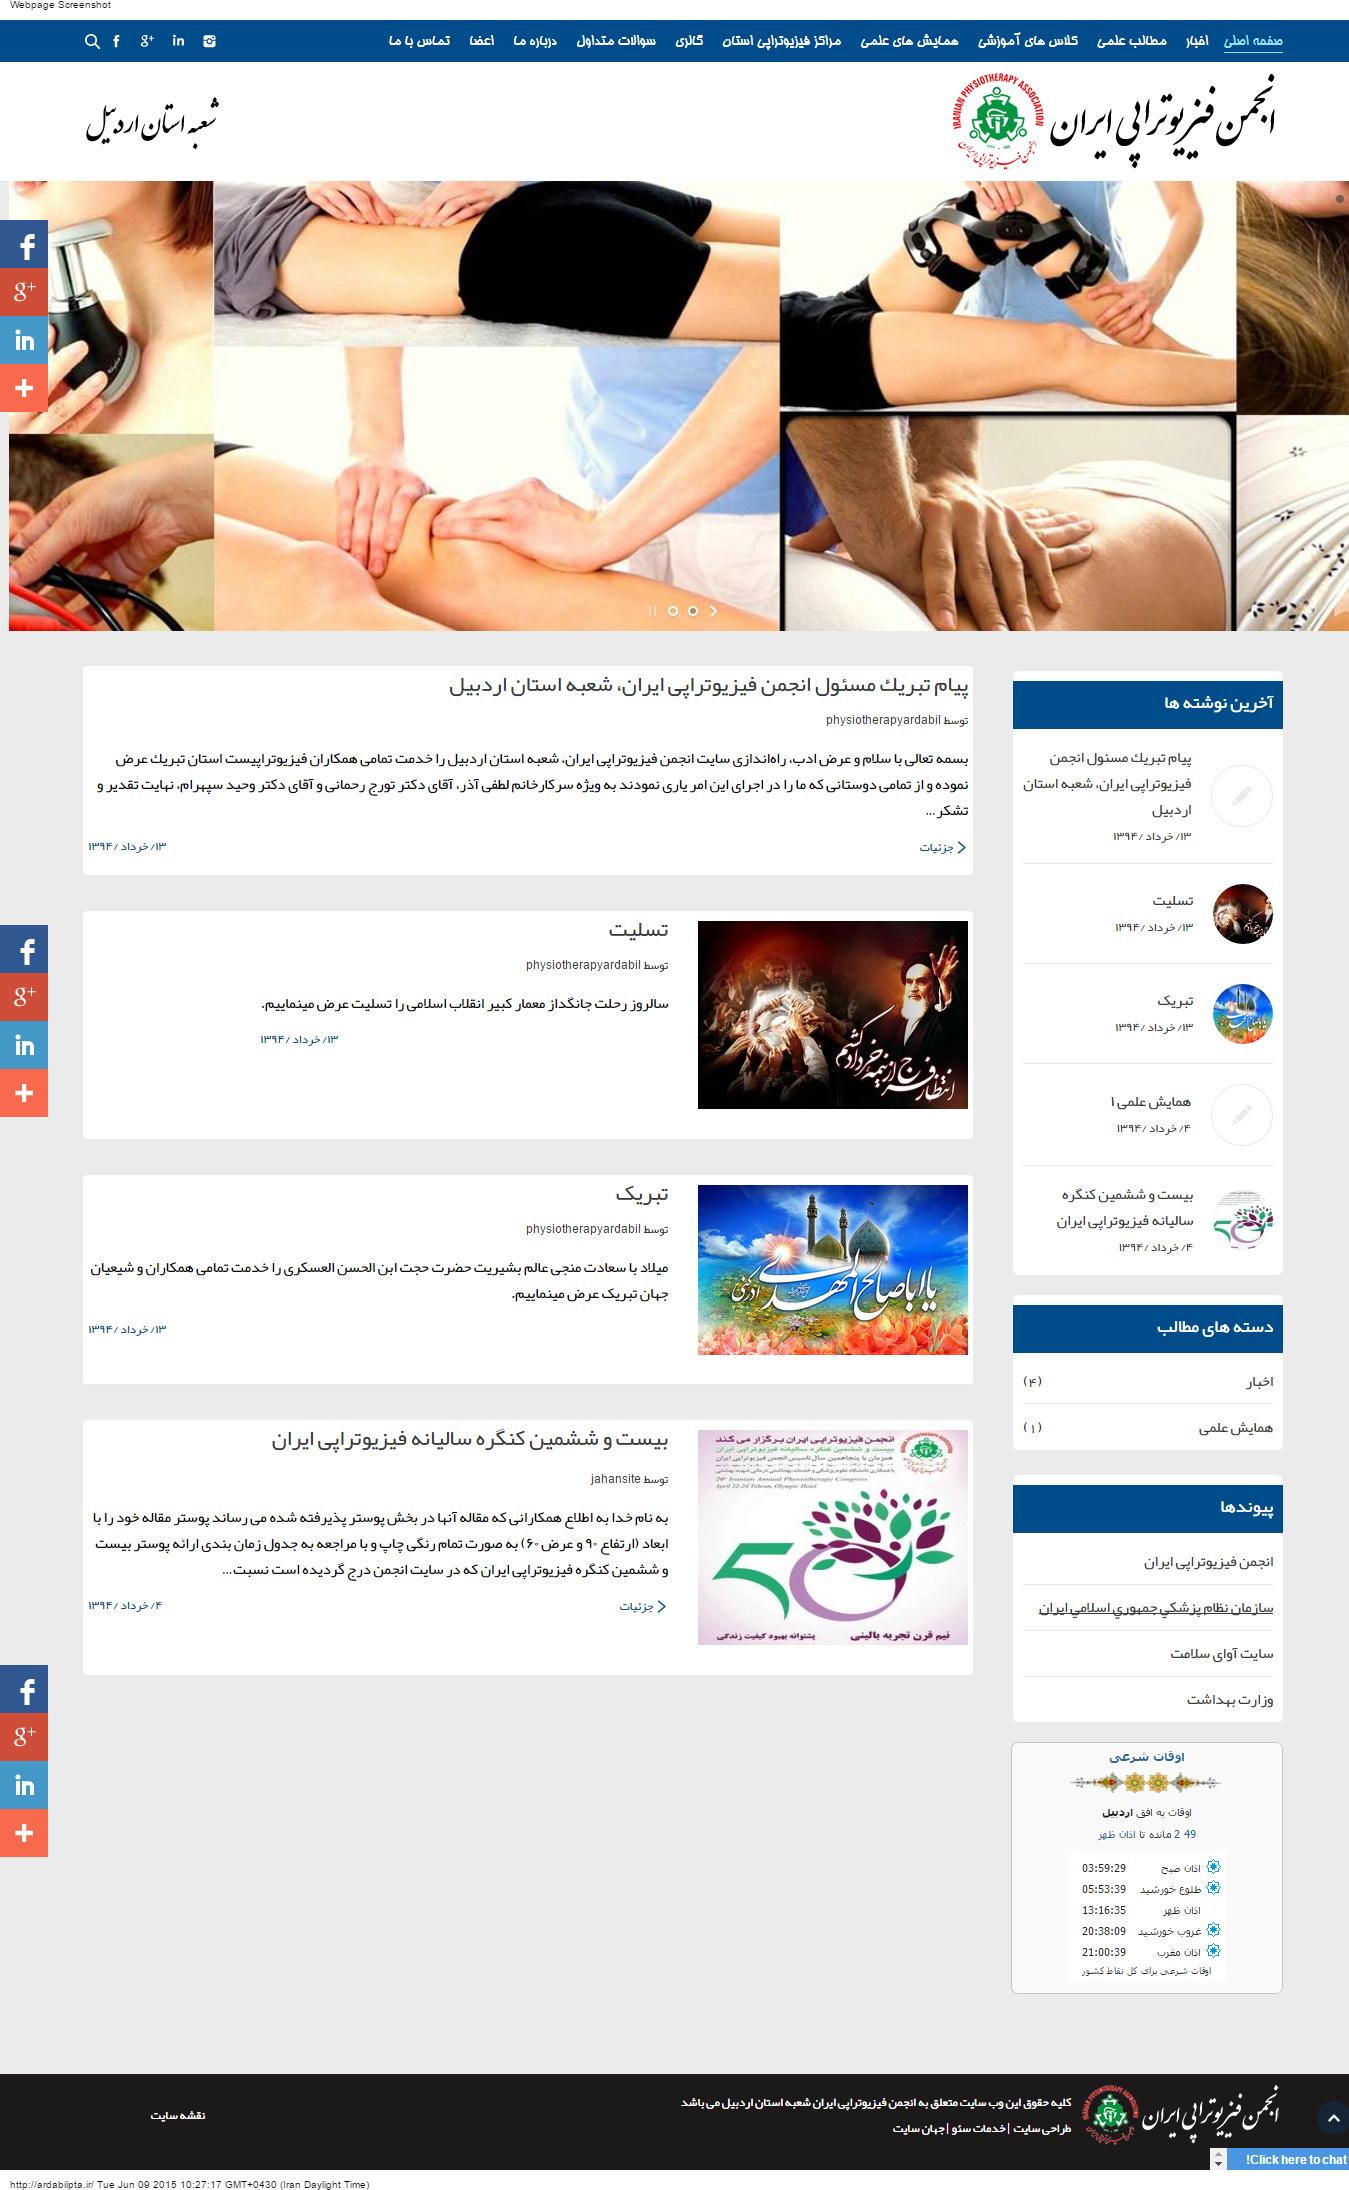 طراحی سایت انجمن پزشکی